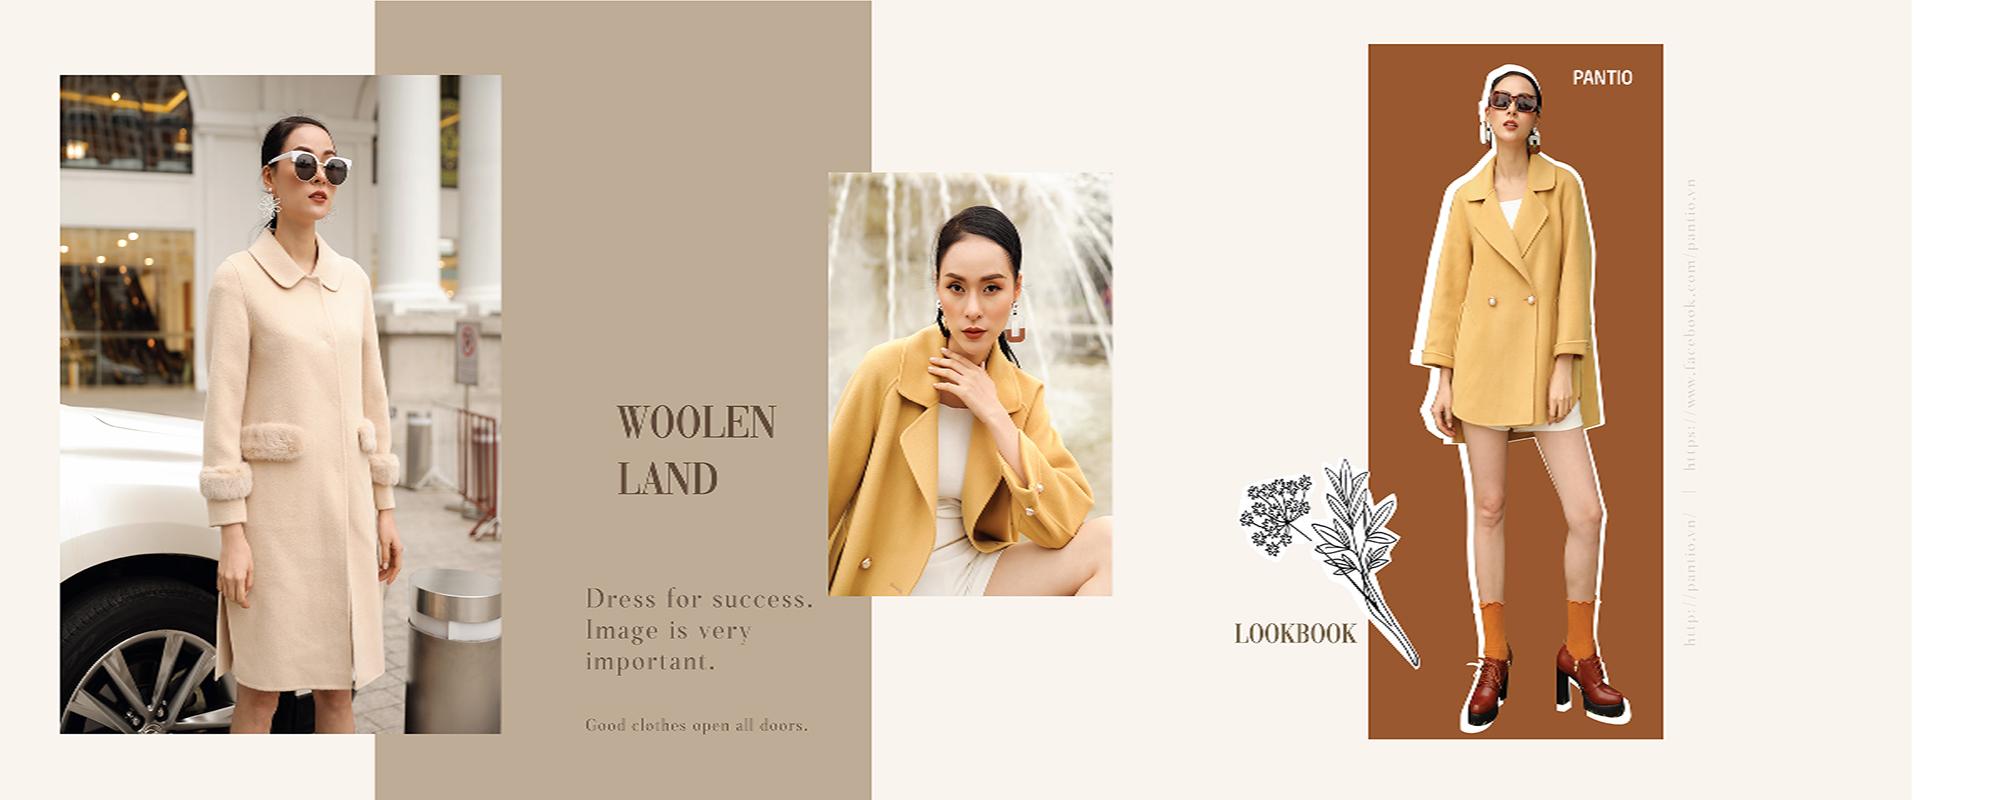 Woolen Land | Đẳng cấp của khoác dạ ép lông cừu